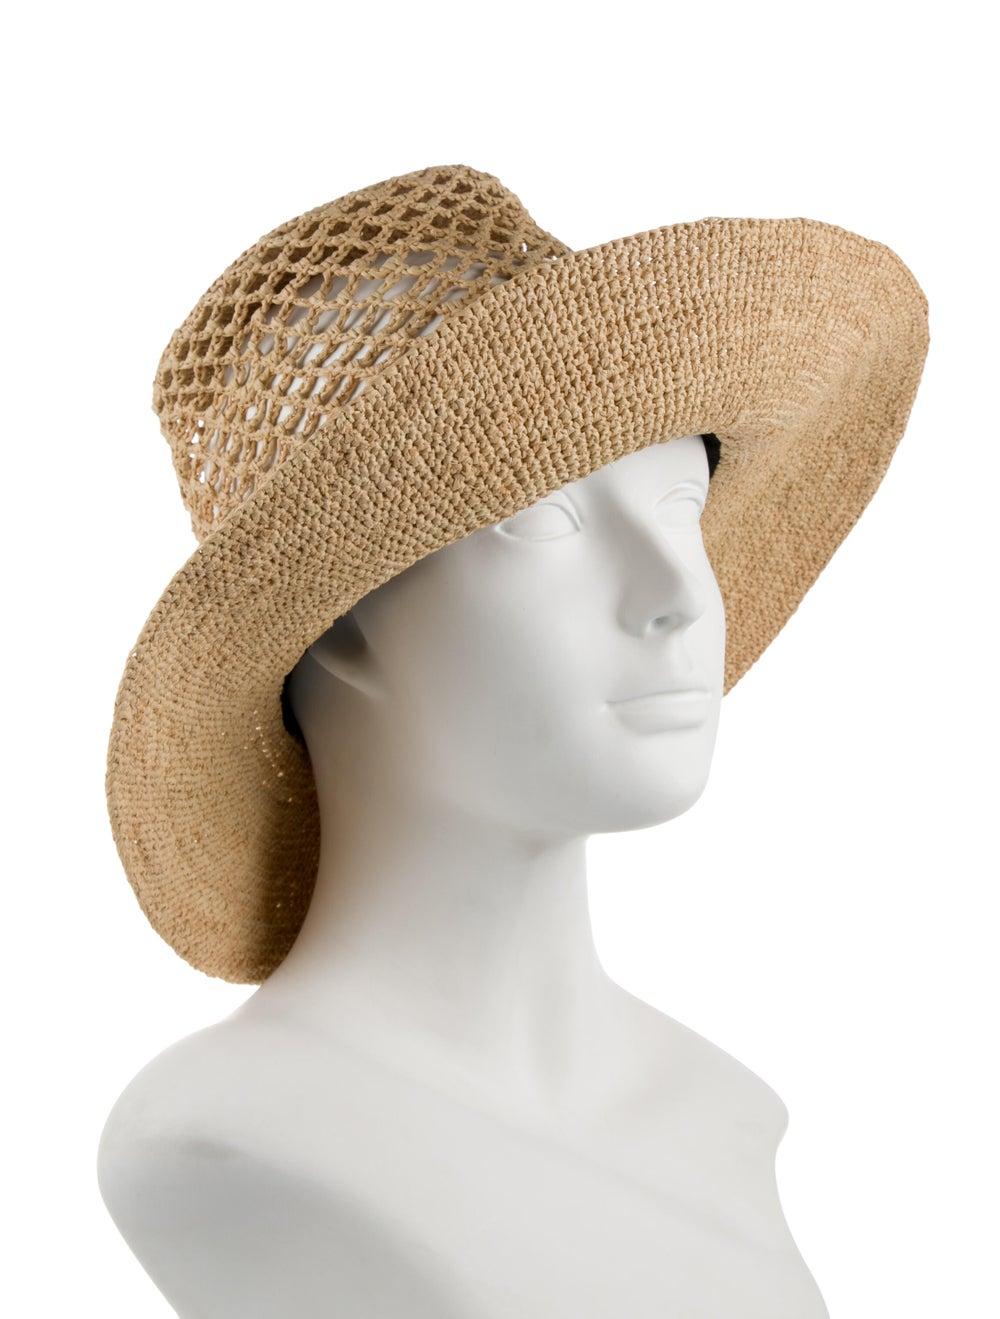 Janessa Leone Straw Wide Brimmed Hat Brown - image 3